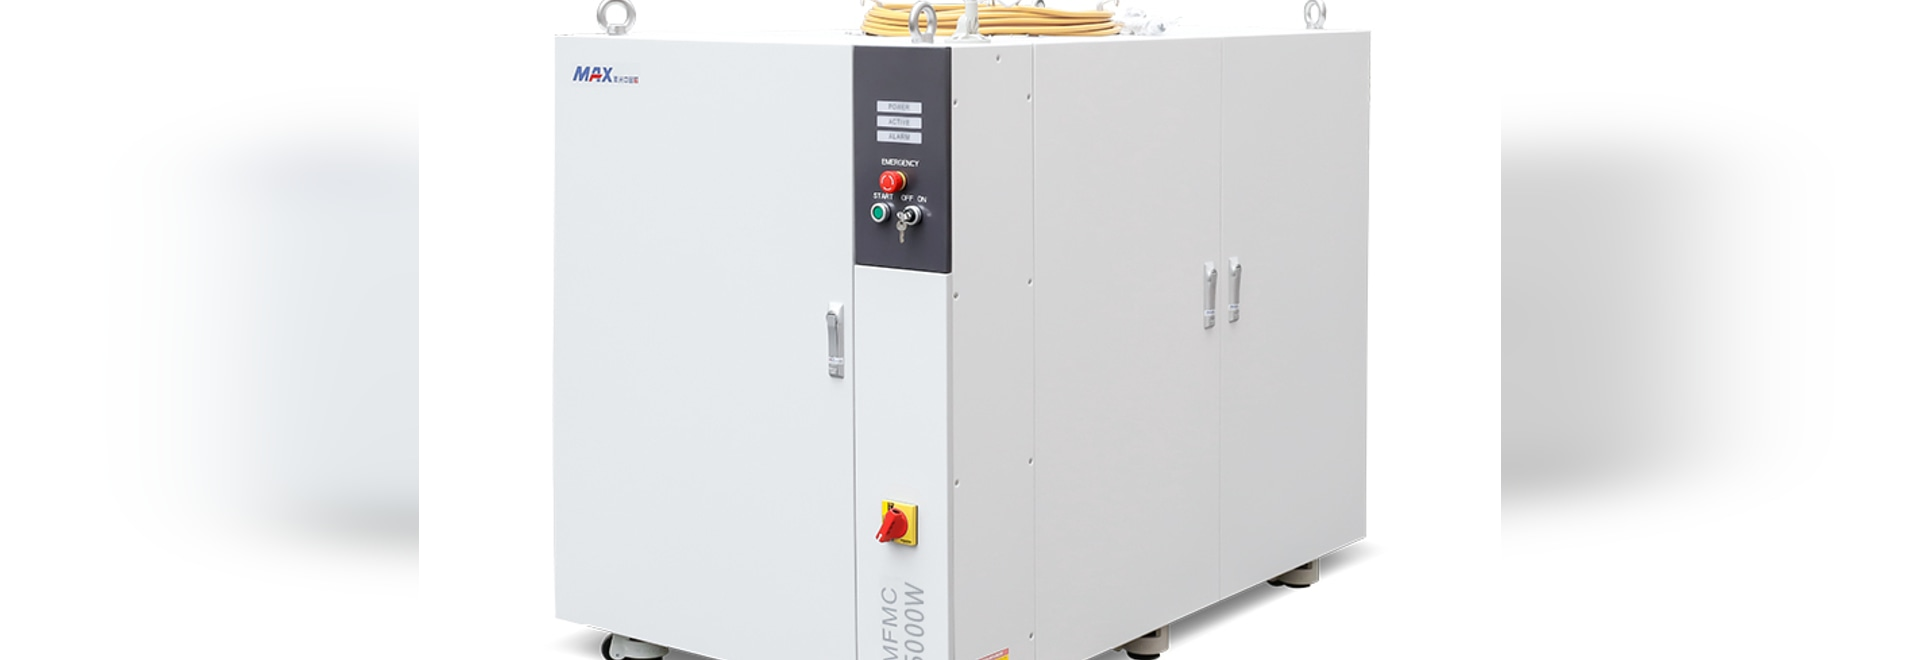 Laser à fibre optique MFMC 25000W CW